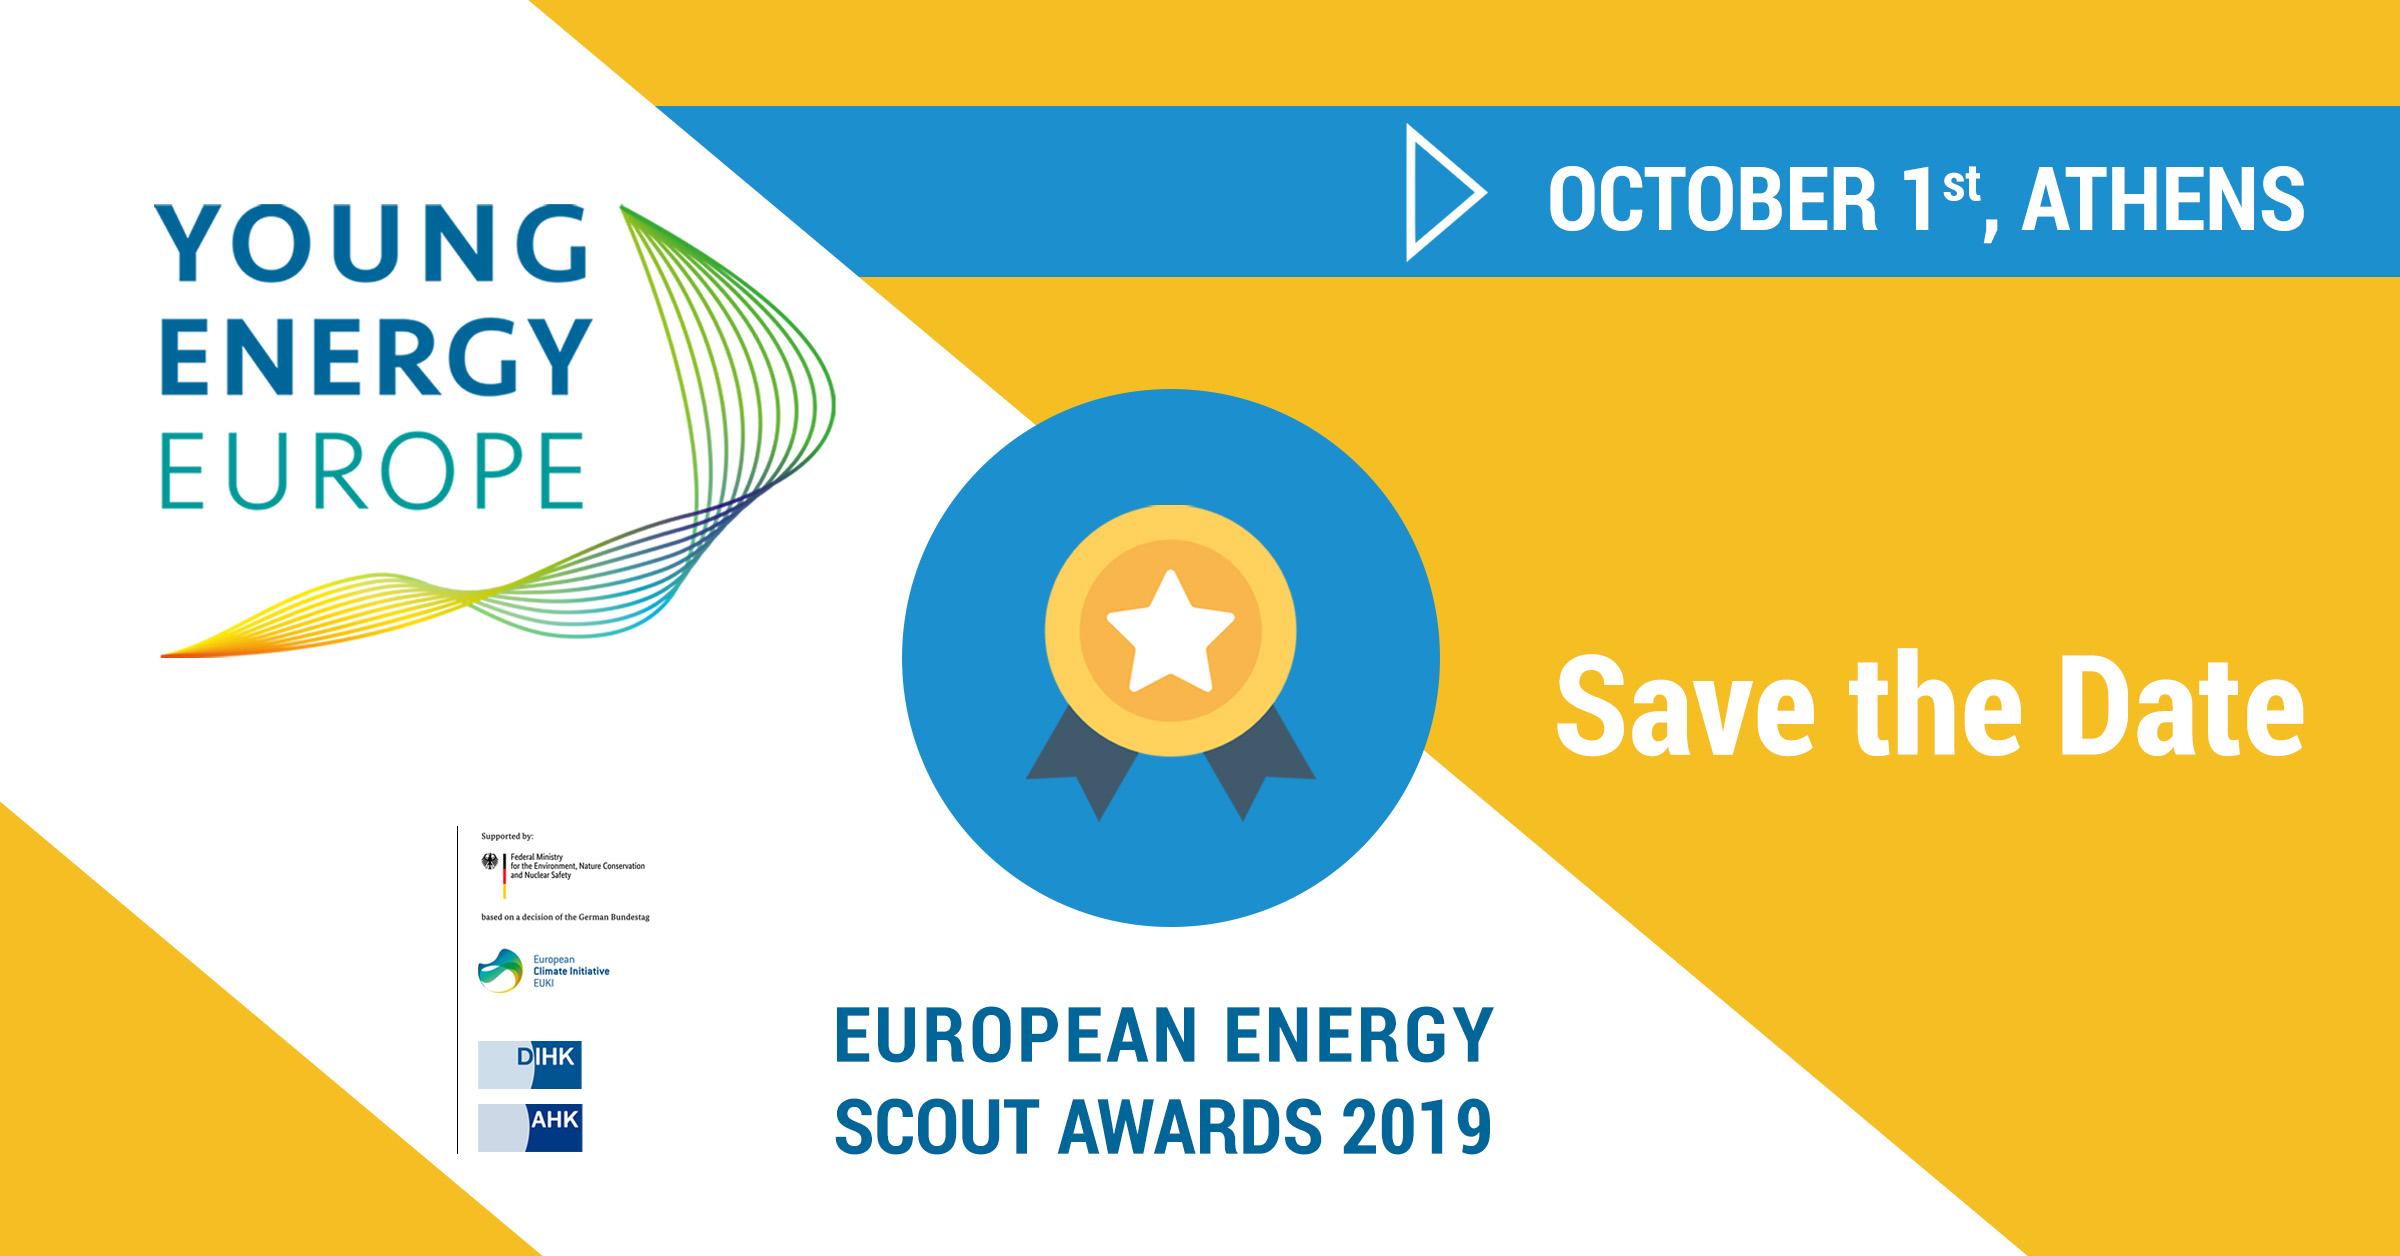 """Ευρωπαϊκά βραβεία """"Energy Scouts"""" 2019 στο πλαίσιο του έργου Young Energy Europe"""